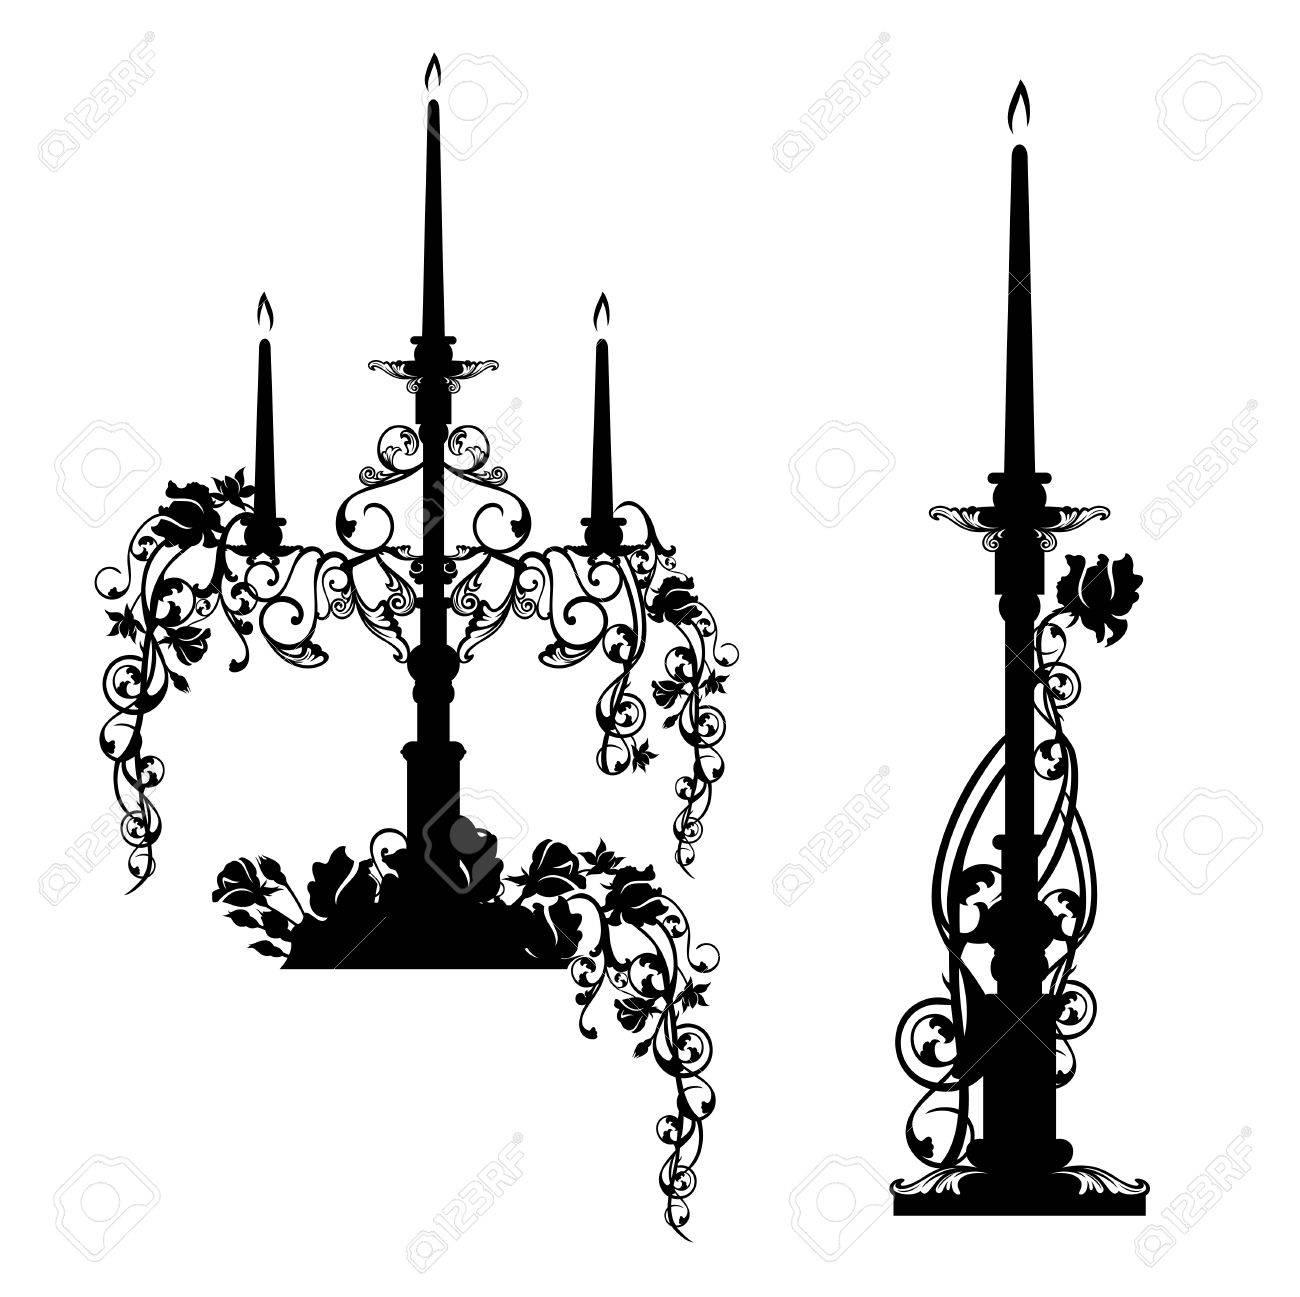 Chandeliers Elegants Parmi Les Fleurs De Rose Noir Et Blanc Jeu De